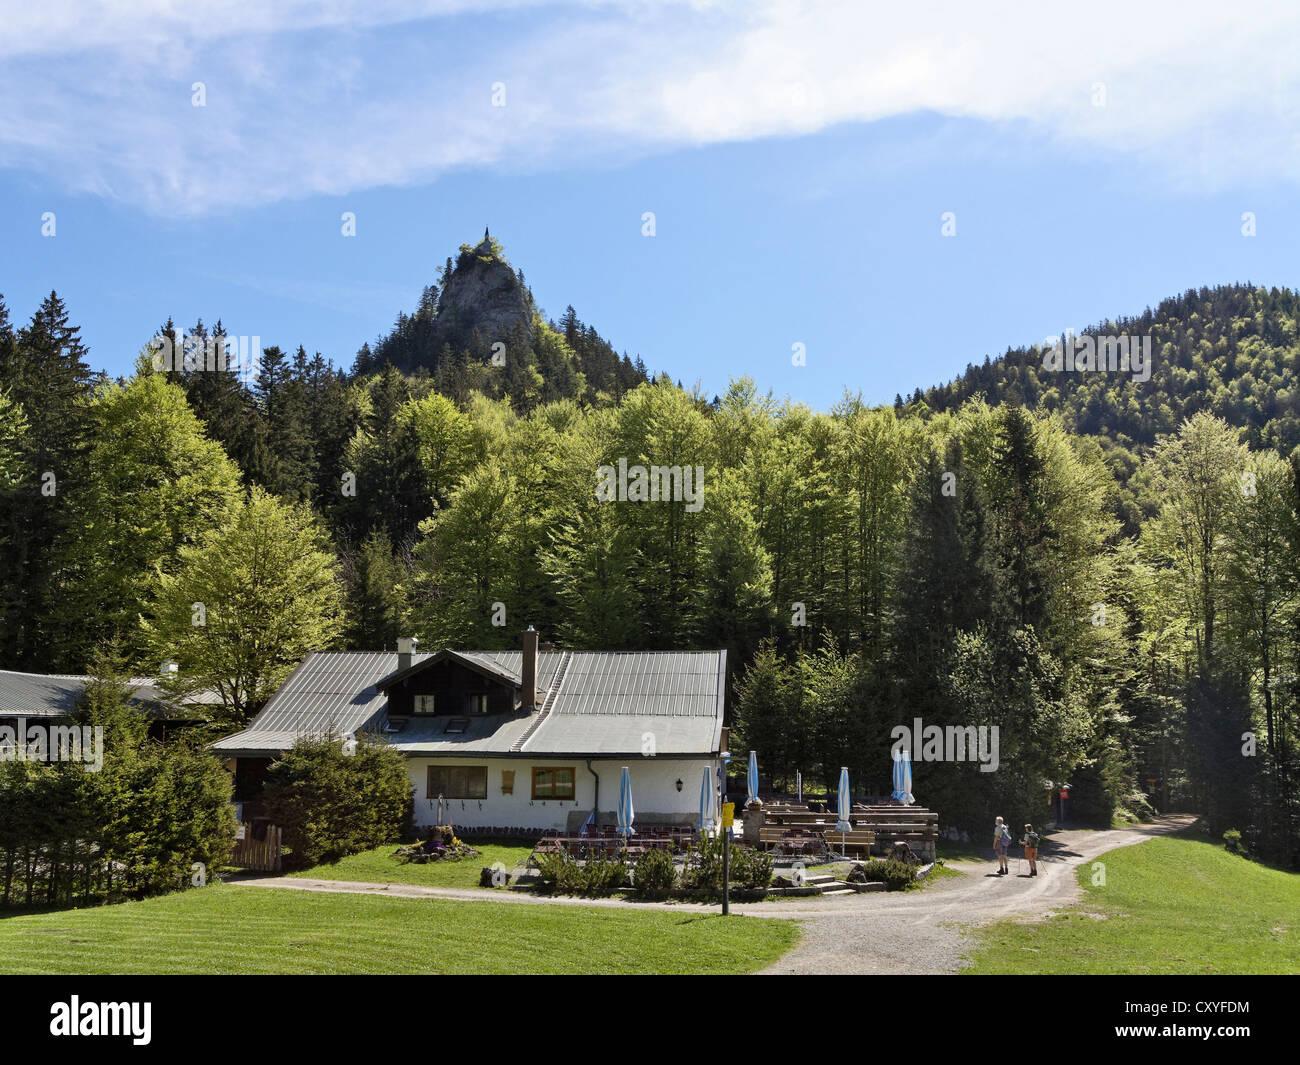 Riederstein mountain, Riedersteinalm alp, Tegernsee valley, Mangfall Mountains, Upper Bavaria, Bavaria - Stock Image